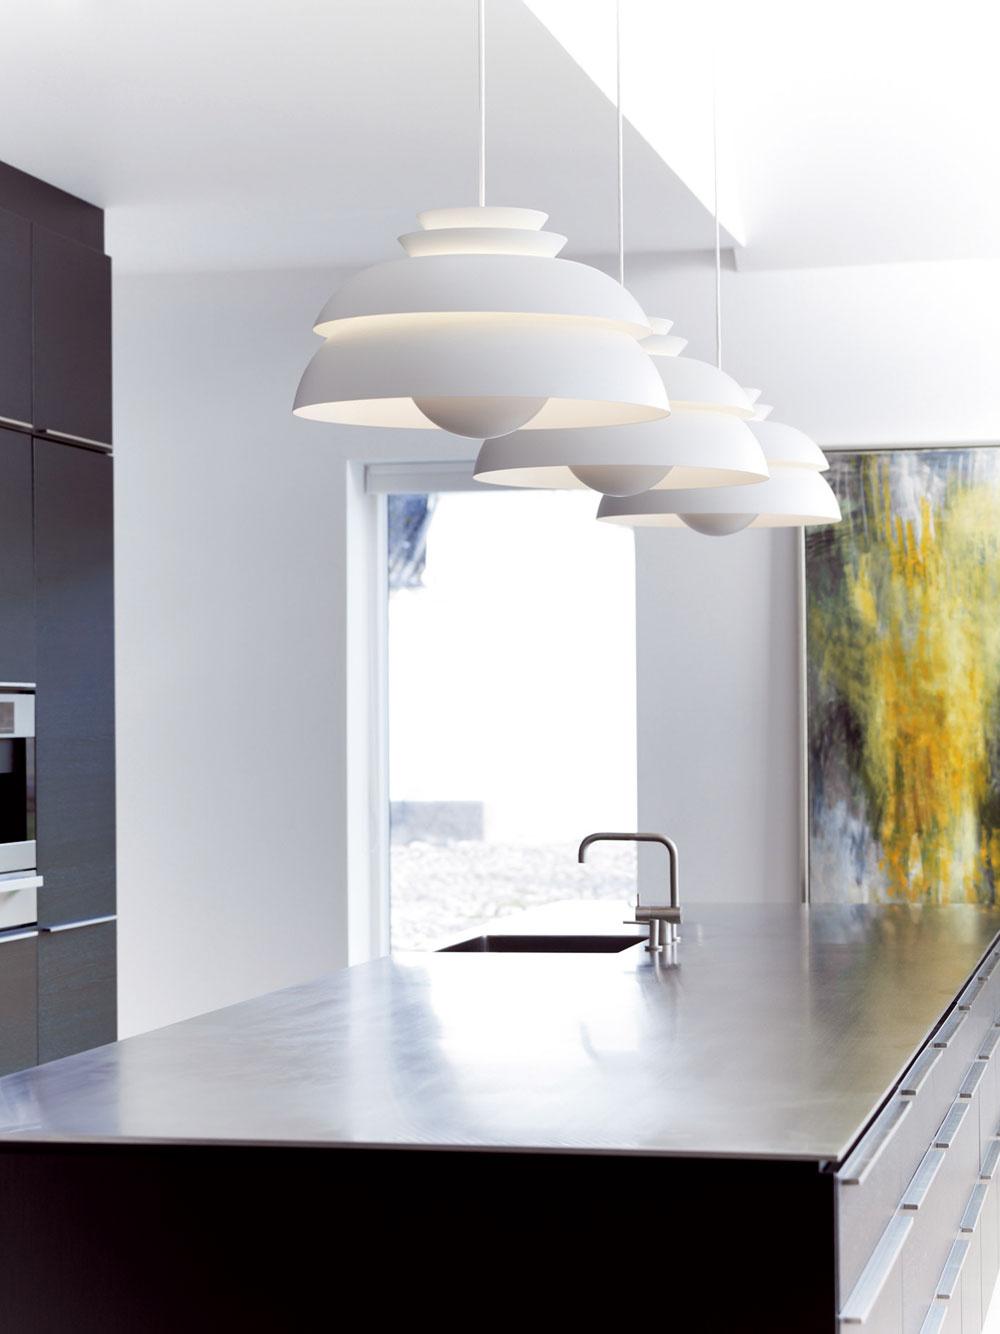 Pri plánovaní kuchyne nezabudnite na vhodné adostatočné osvetlenie ajeho napojenie na elektrickú sieť. Ak budete mať výkresy spresným umiestnením zariadenia, bude aj elektrikárovi jednoduchšie pripraviť podmienky na presné osadenie svietidiel ešte pred realizáciou povrchových úprav.